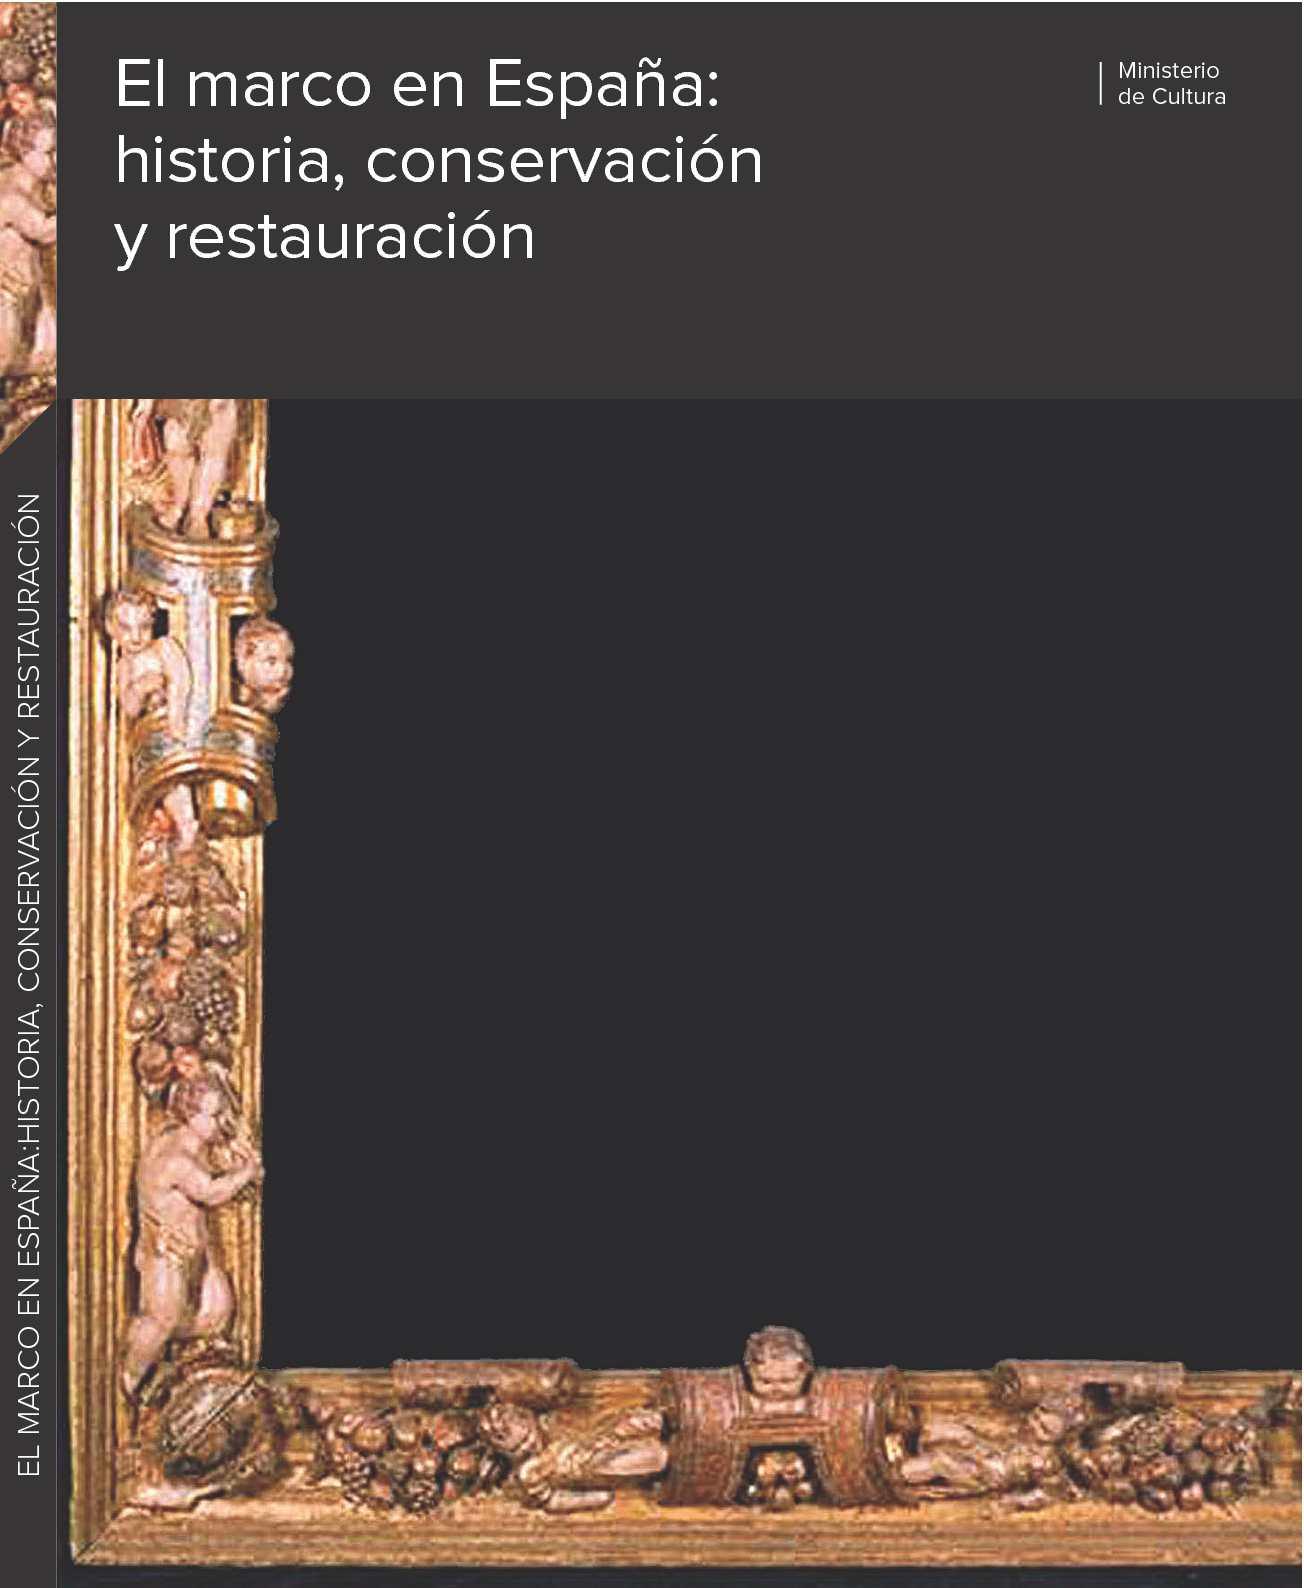 Calaméo - El marco en España: historia, conservación y restauración